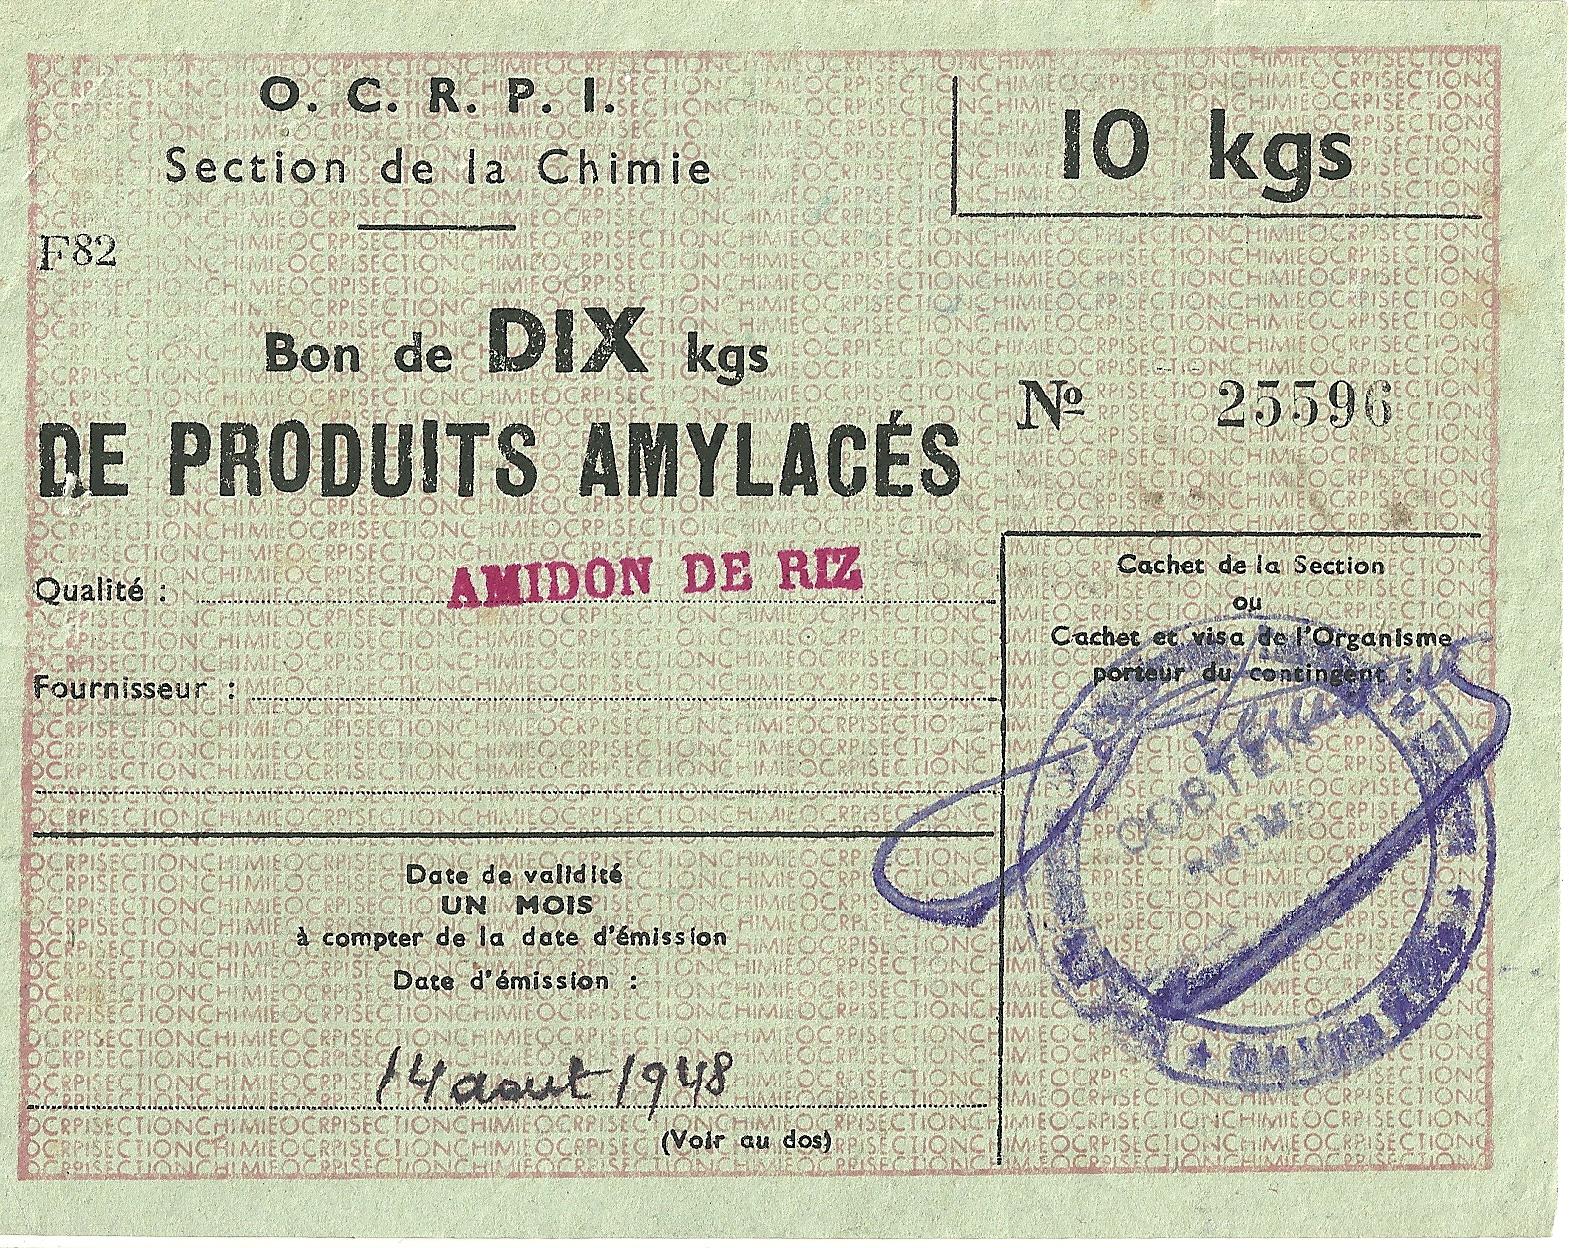 Section de la Chimie - Bon de DIX kgs DE PRODUITS AMYLACES - AMIDON DE RIZ - 25 596